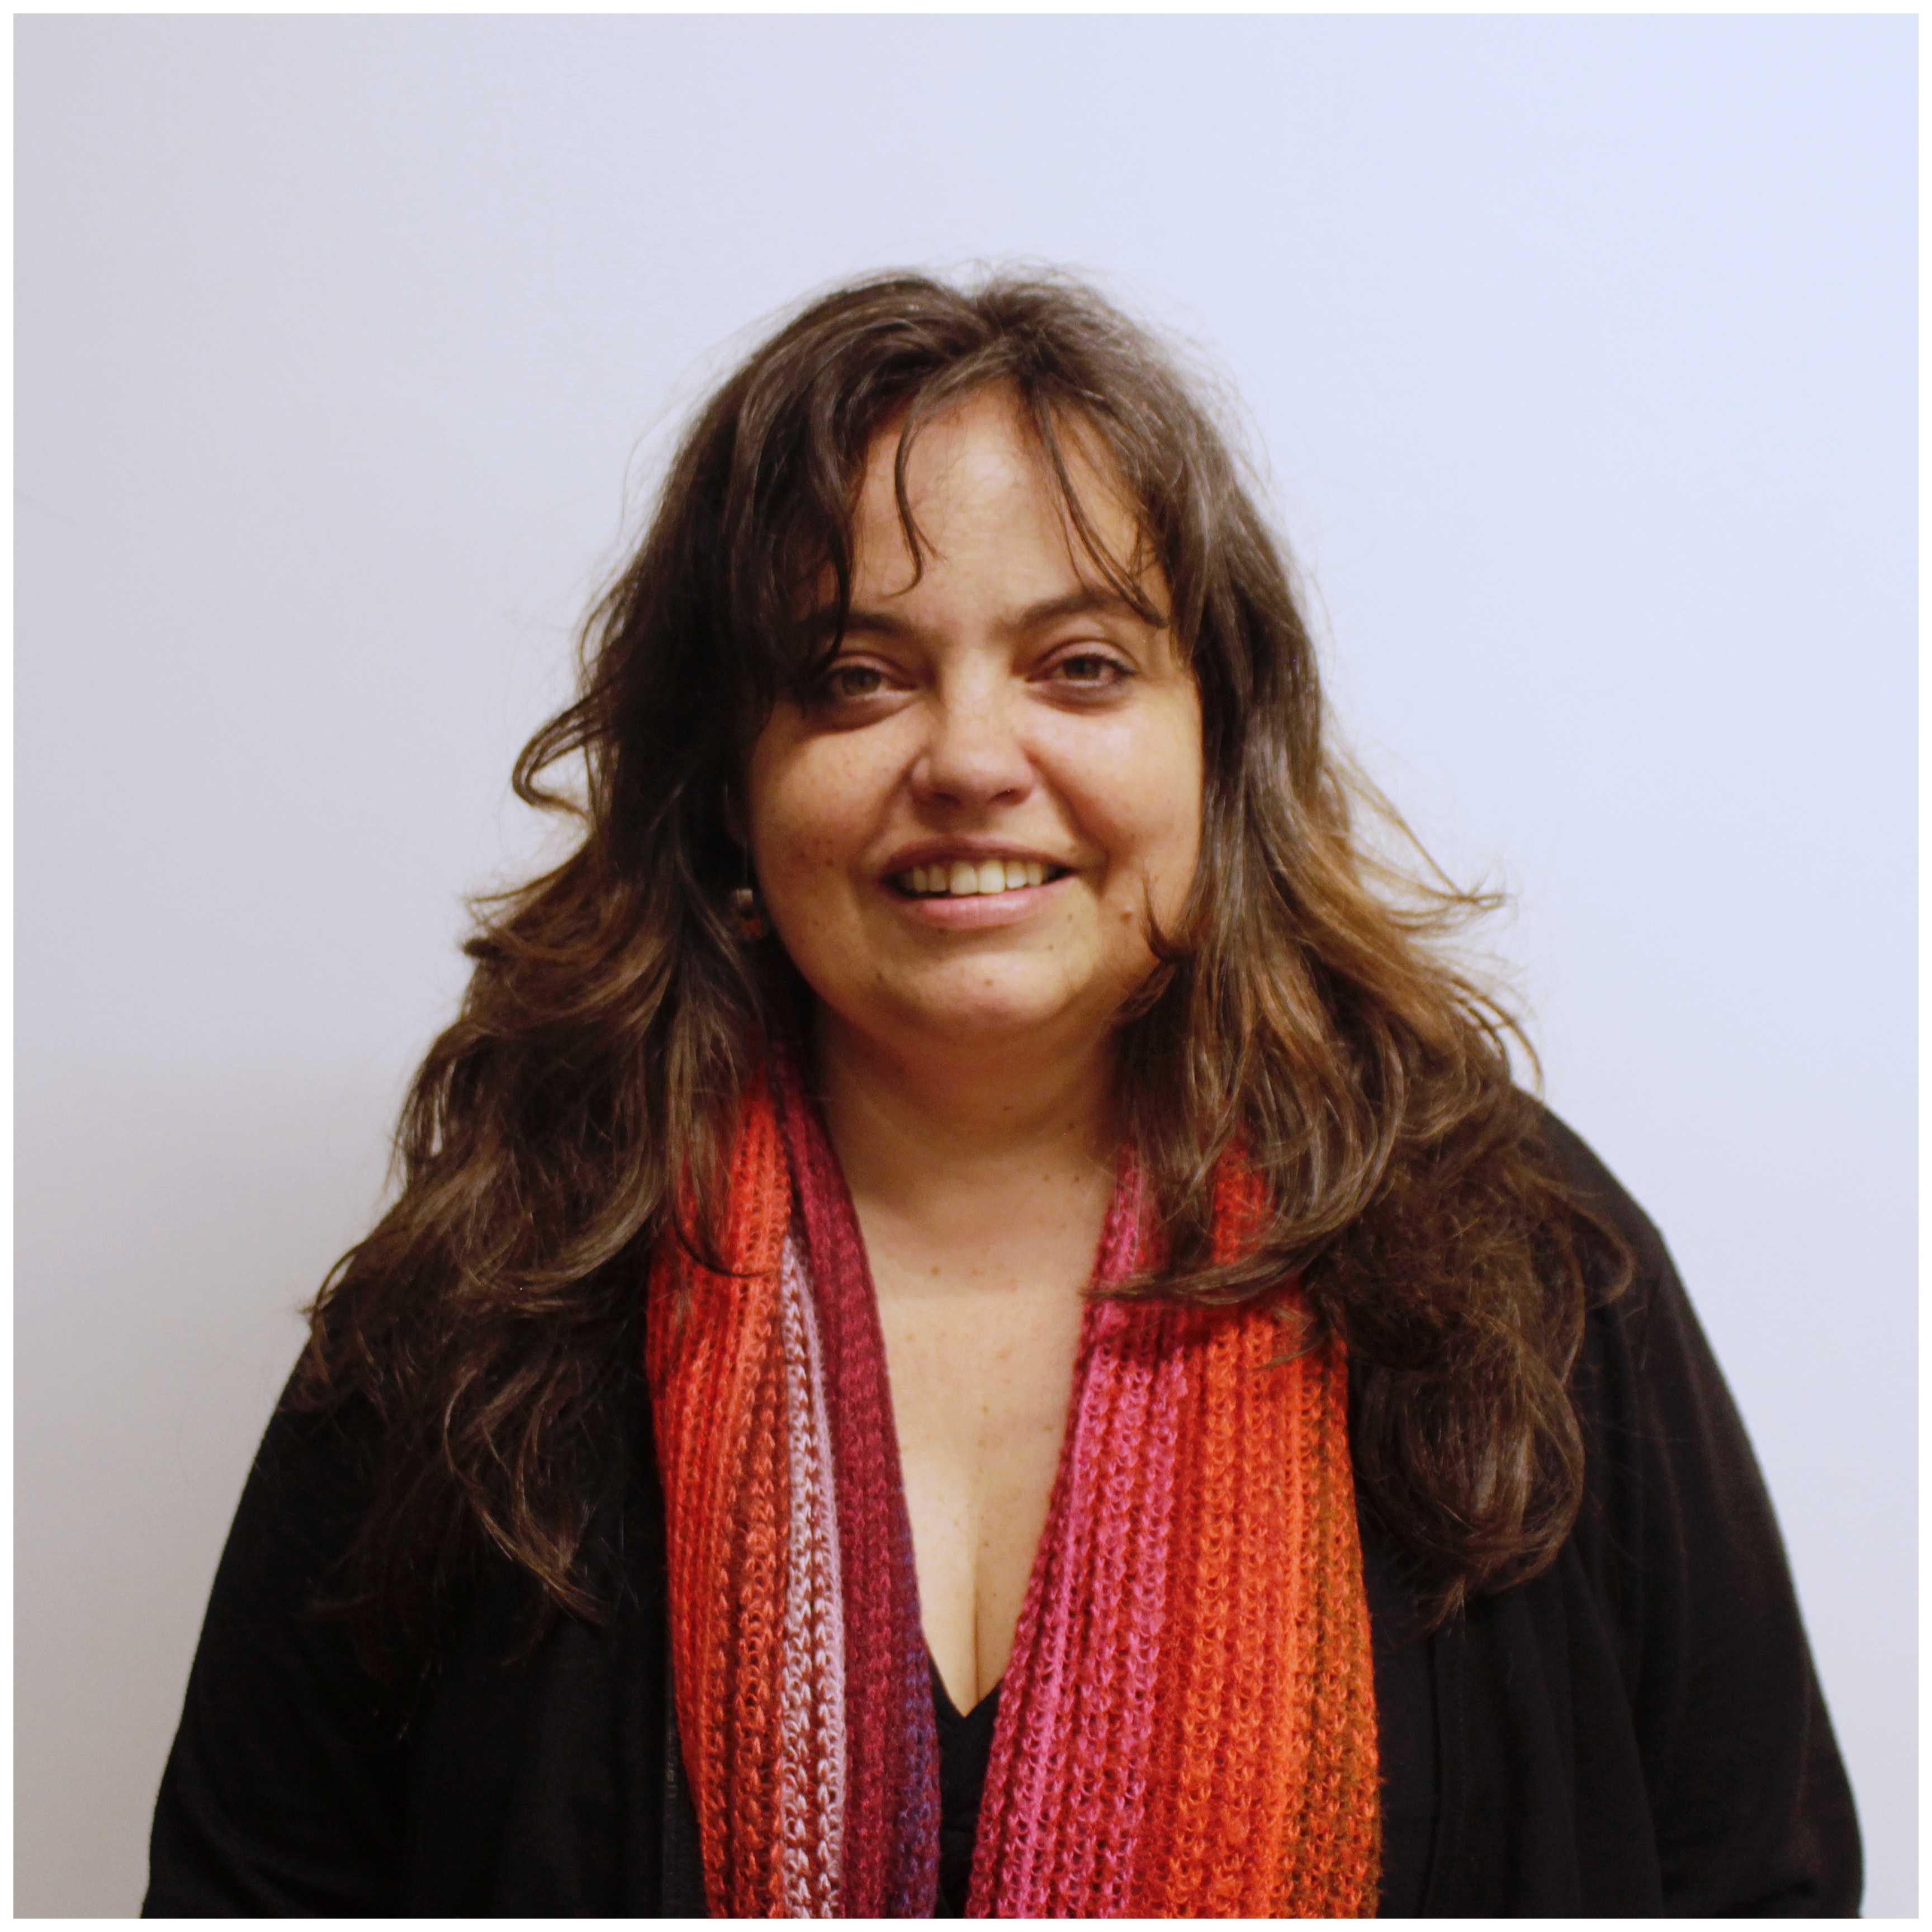 Ana María Pacheco